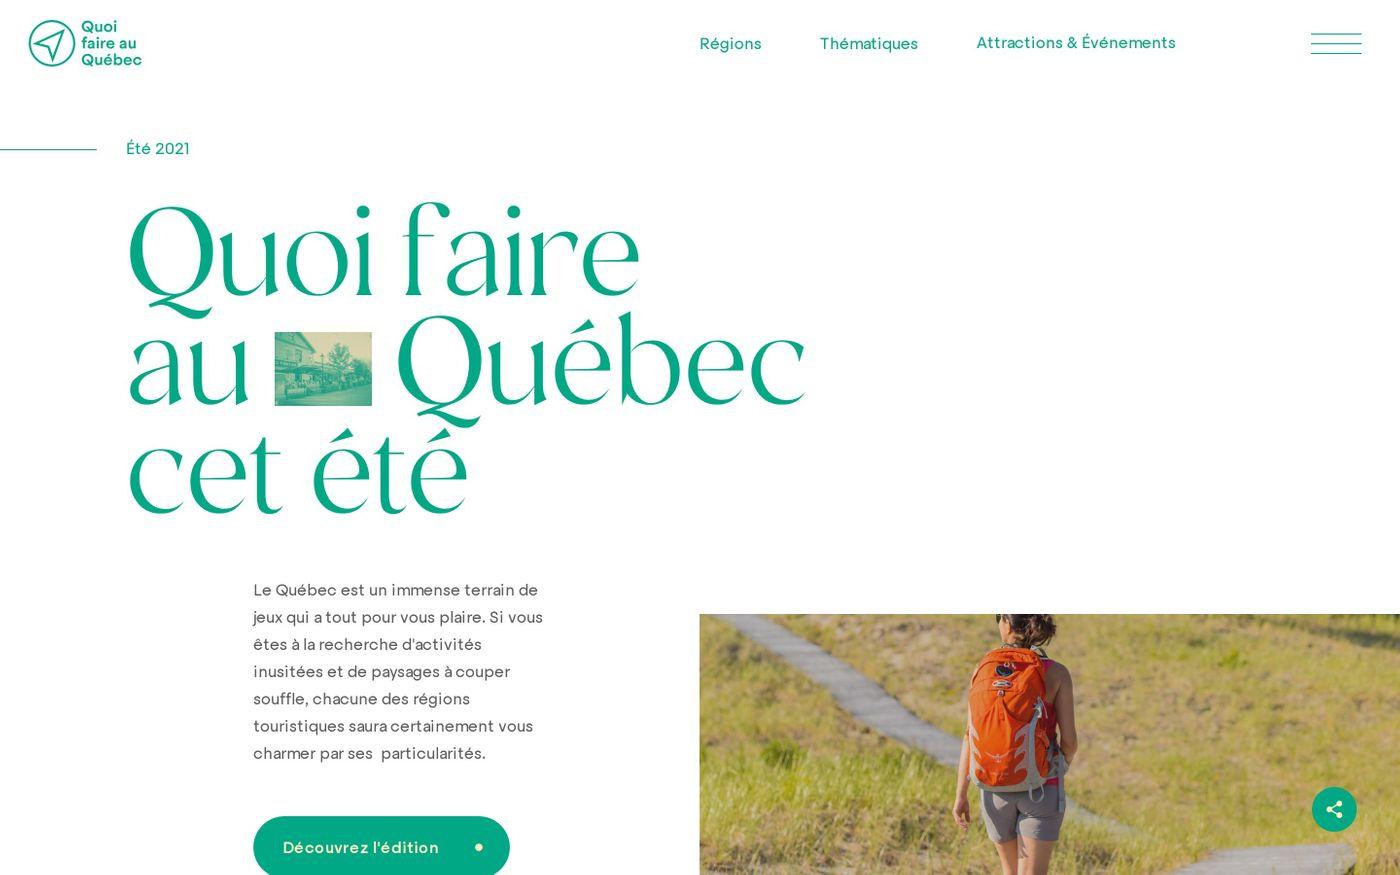 Screenshot of Quoi faire au  Québec cet été website